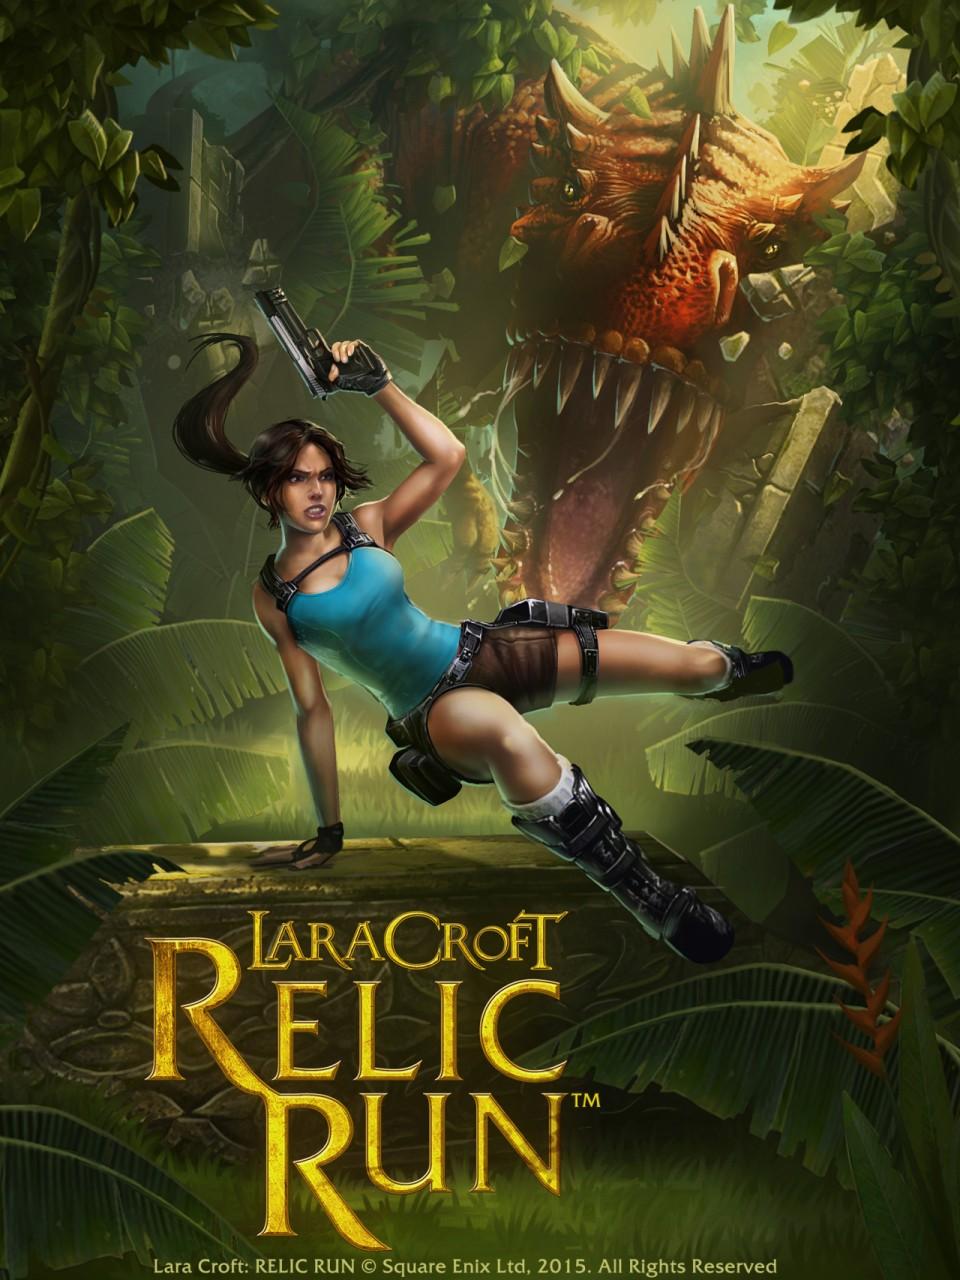 Lara-croft-relic-run-1